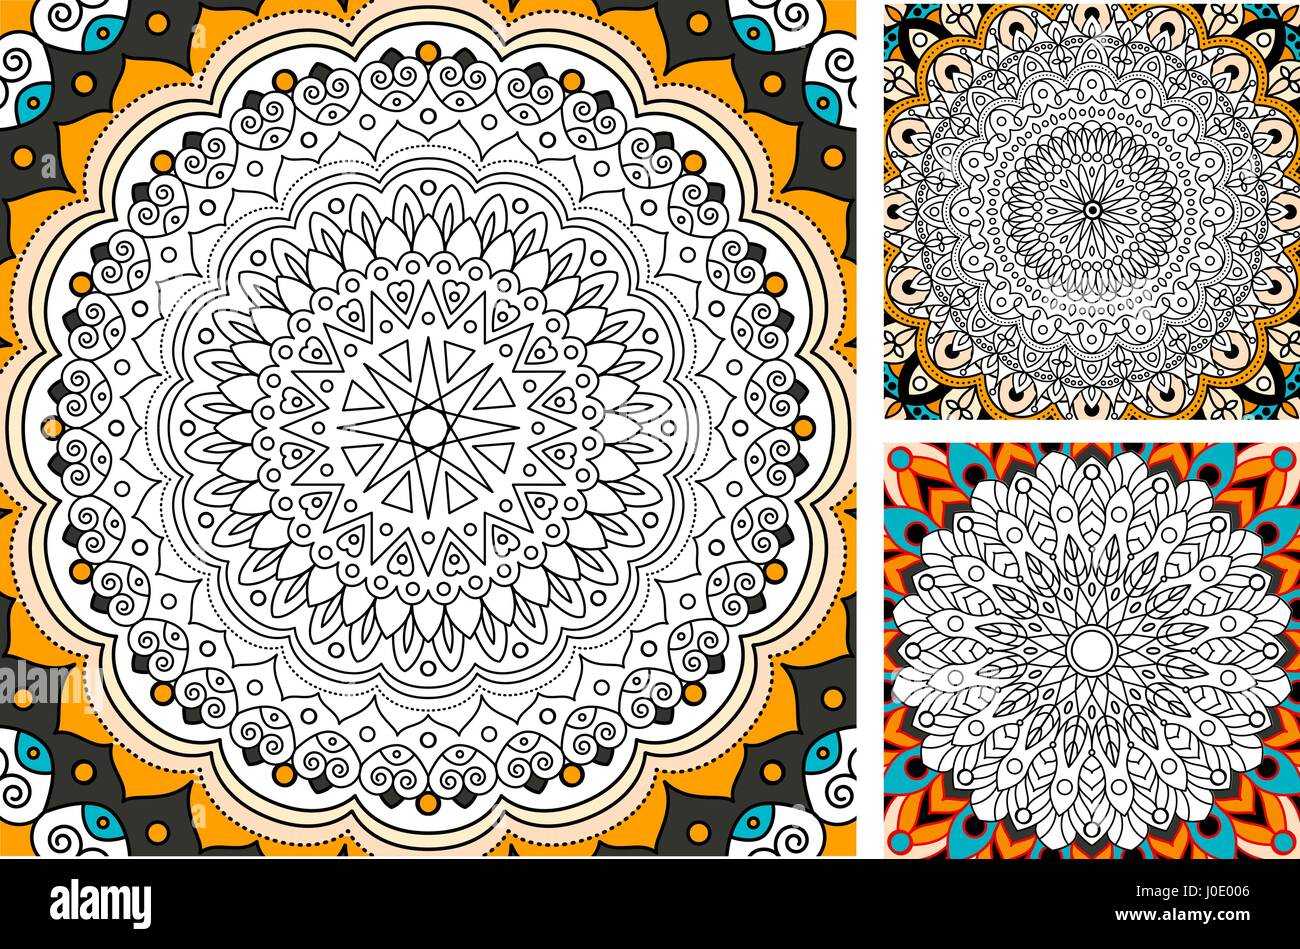 Coloriage Anti Stress Indien.Version Imprimable Page De Coloriage Antistress Pour Les